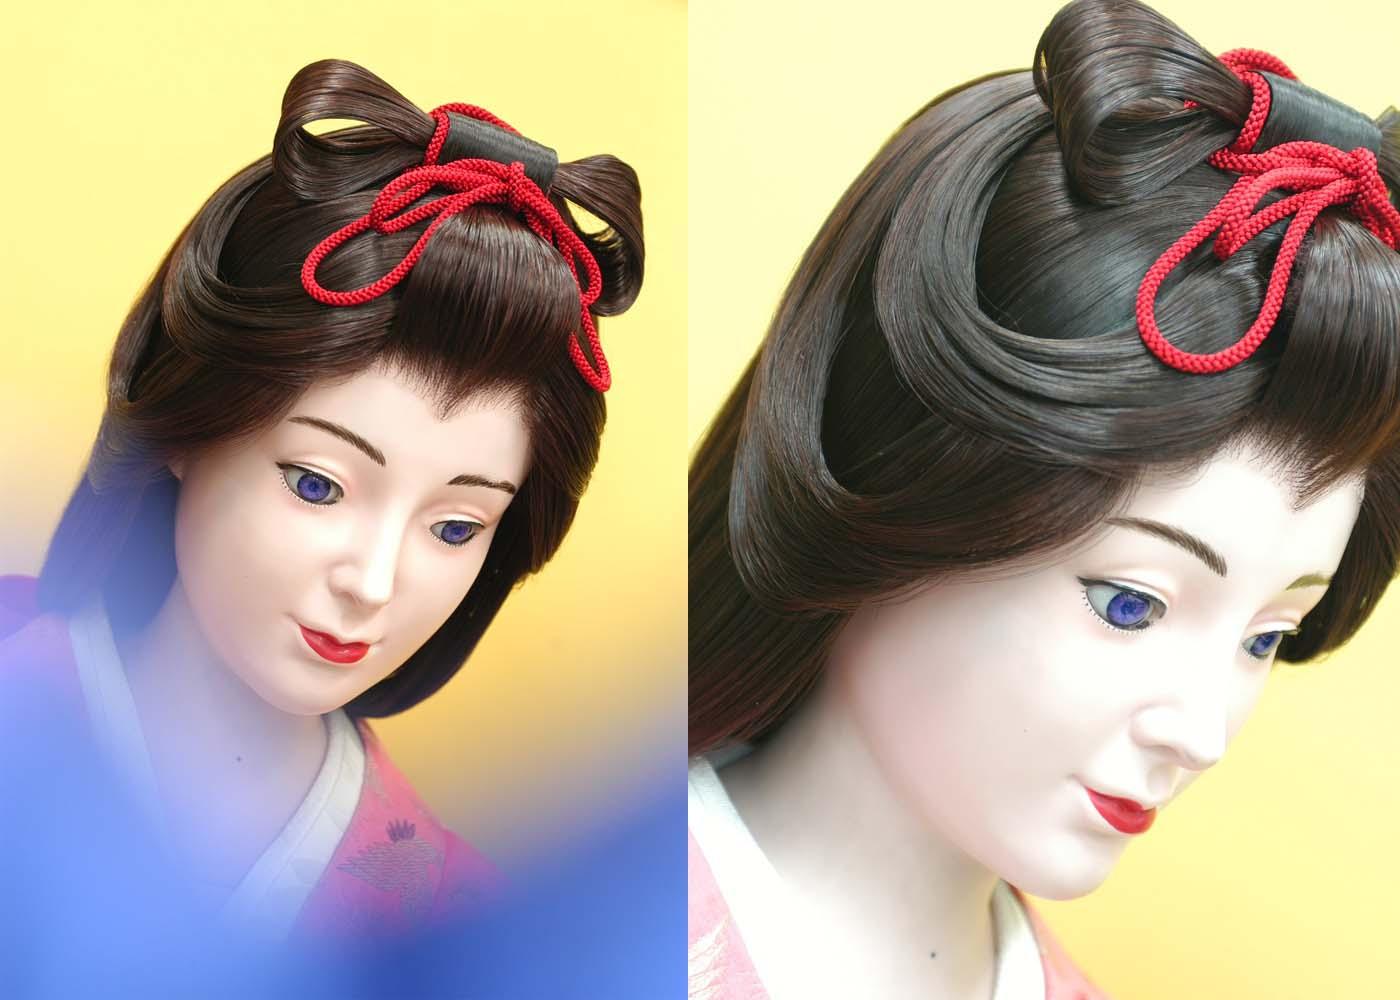 天女 カツラ 挙式 結婚式 披露宴 イベント コスプレ 日本髪 撮影 レンタル